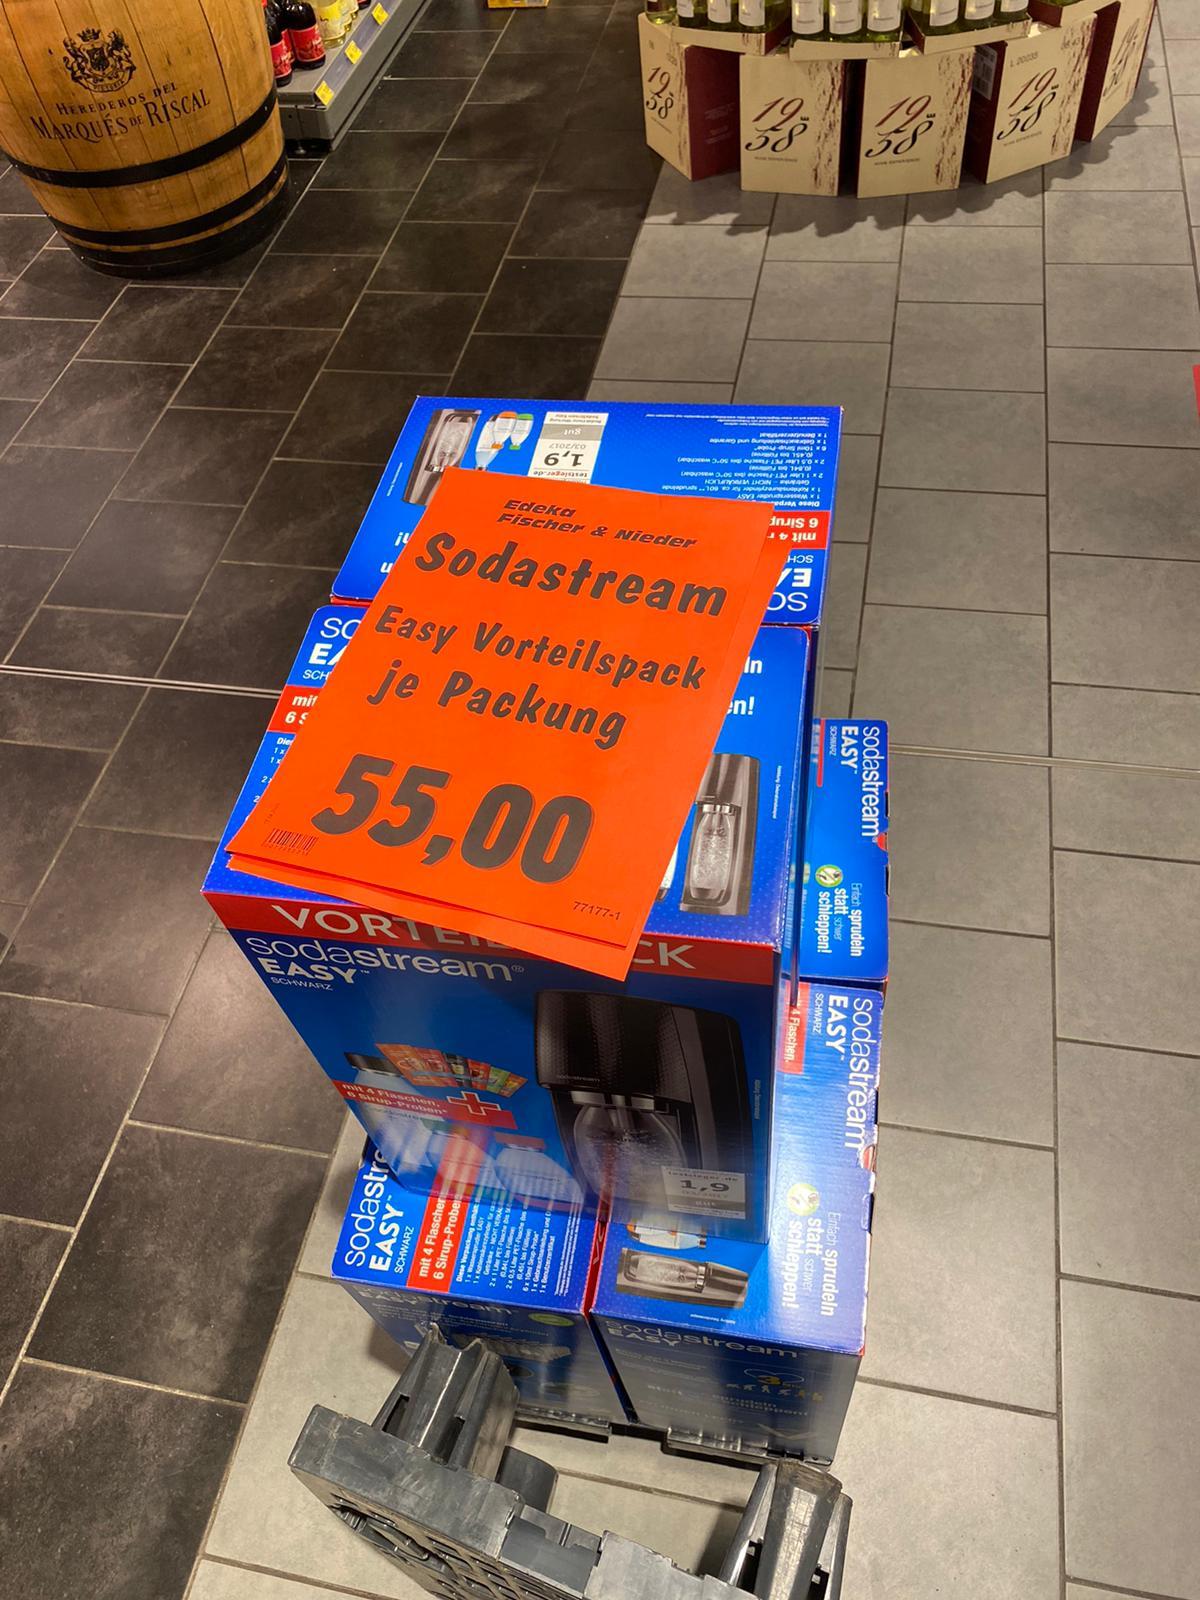 SodaStream Easy Vortailspack [Leverkusen] für 55€